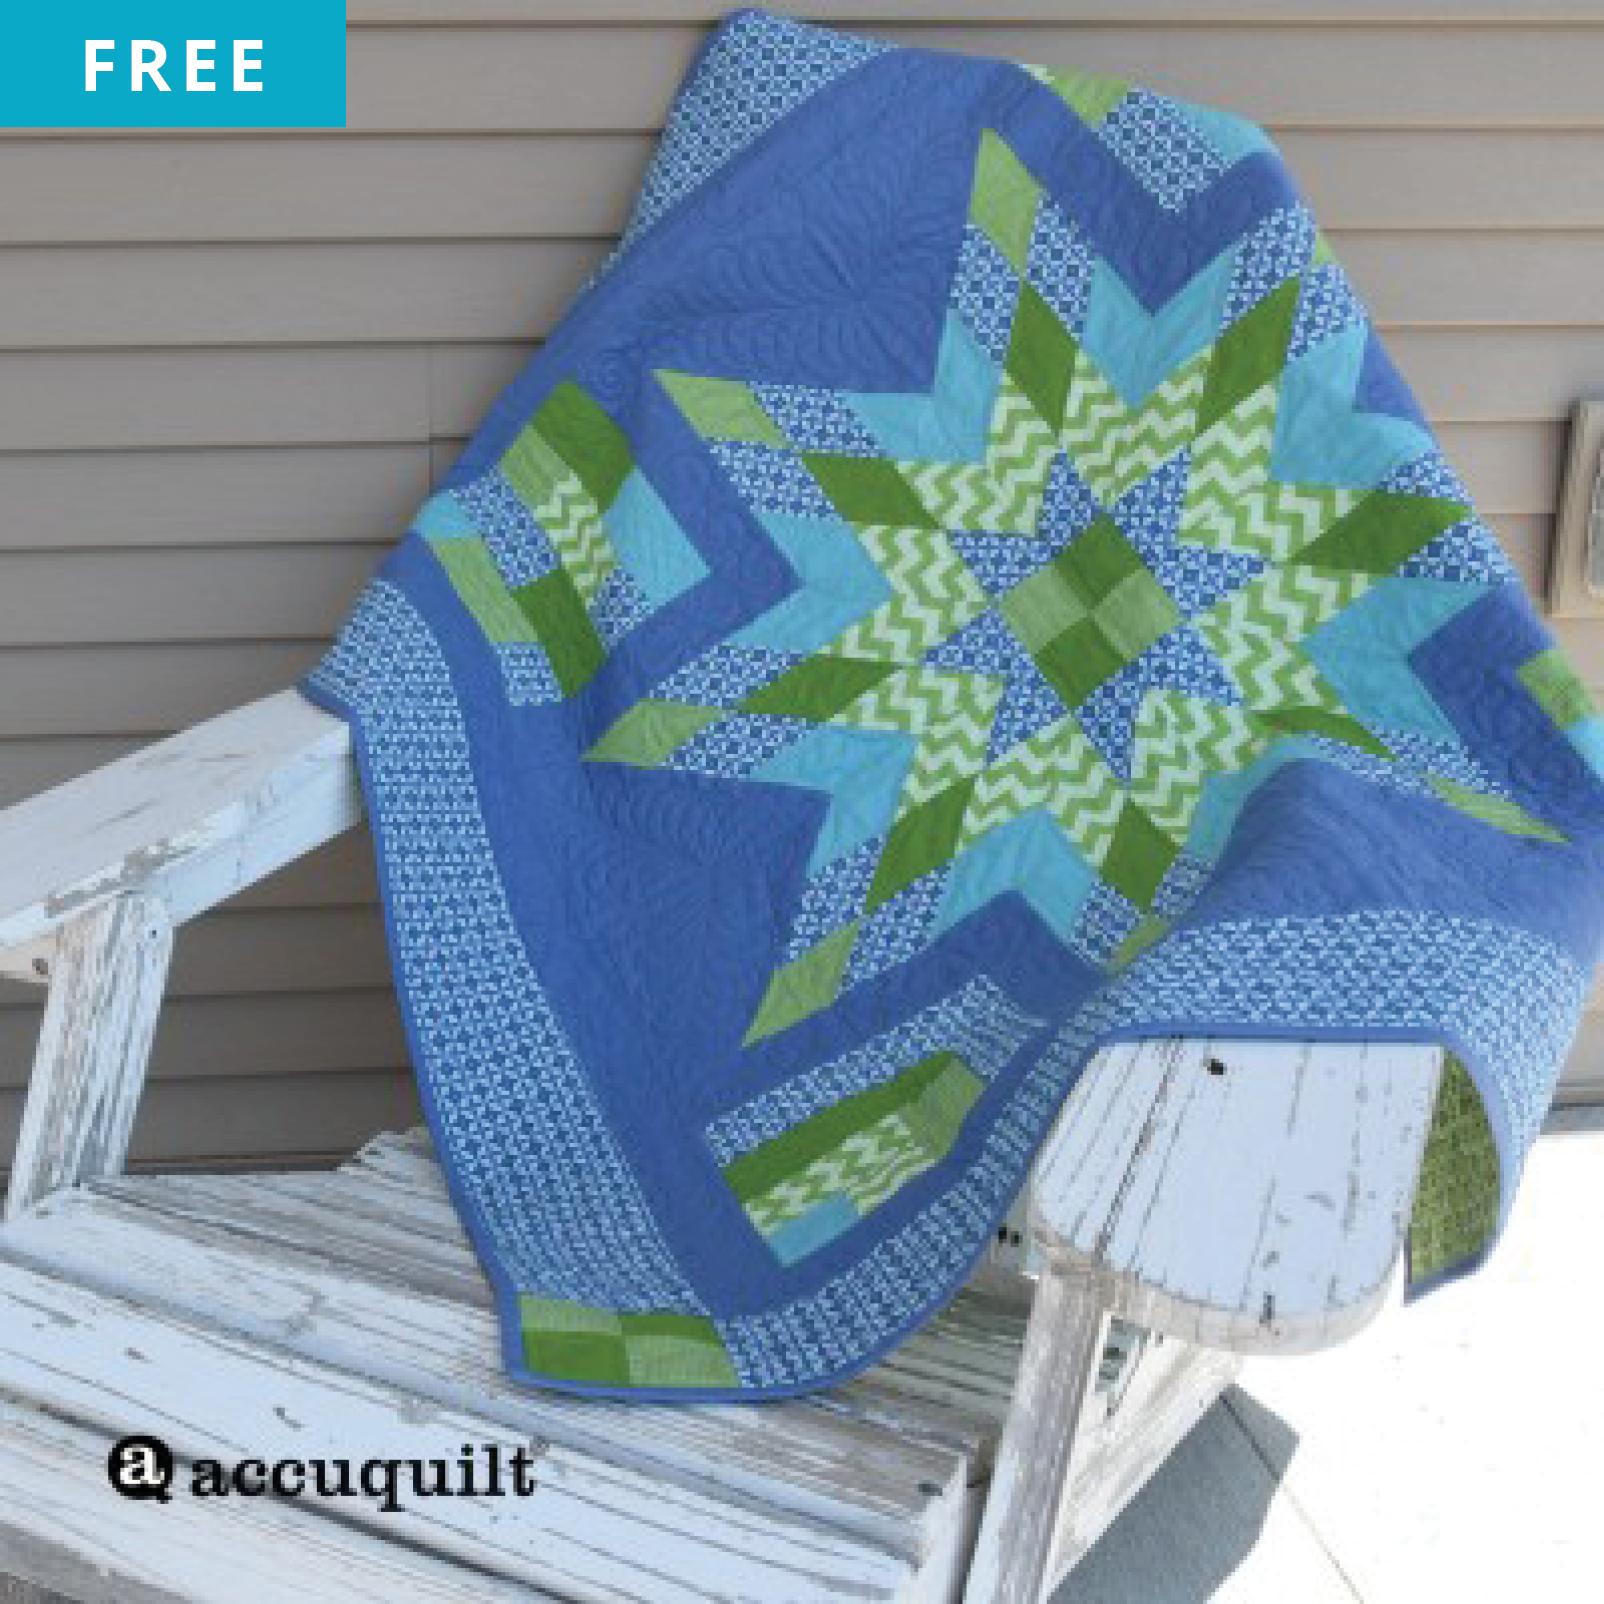 Free Quilt Pattern - Strip Star Quilt